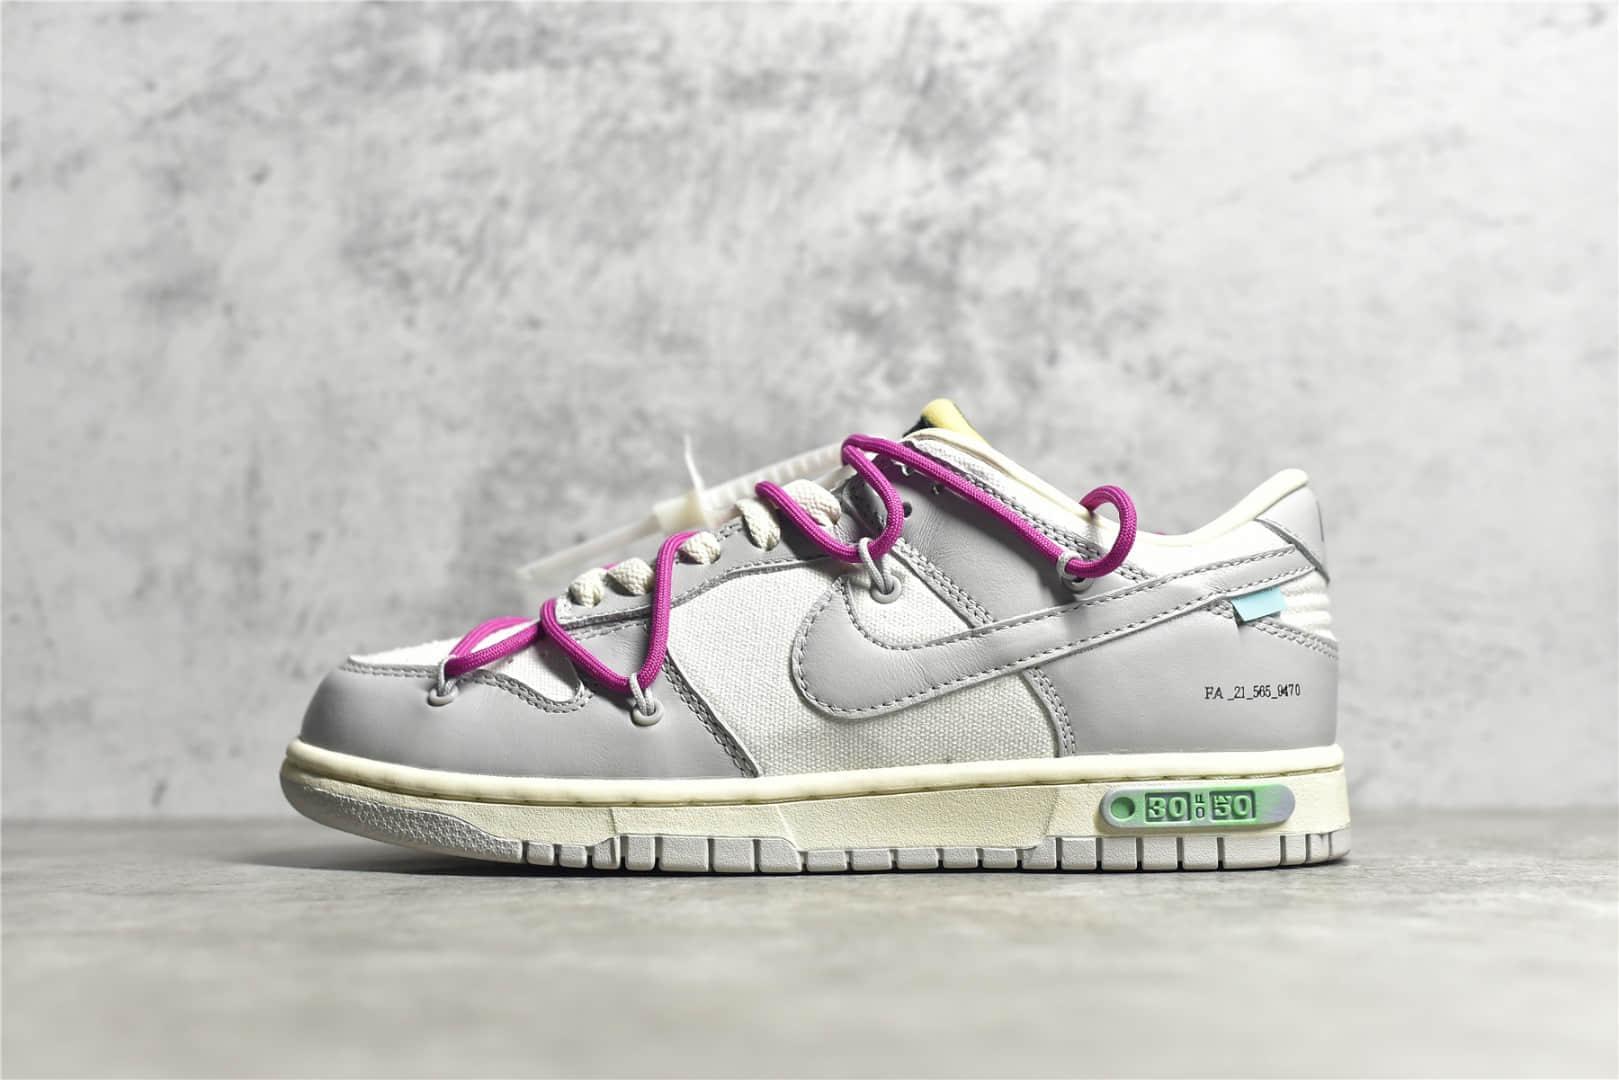 """耐克Dunk OW联名新款 0ff-White x Nike Dunk Low""""30 of 50"""" 耐克灰白色低帮联名款 货号:DM1602-100-潮流者之家"""